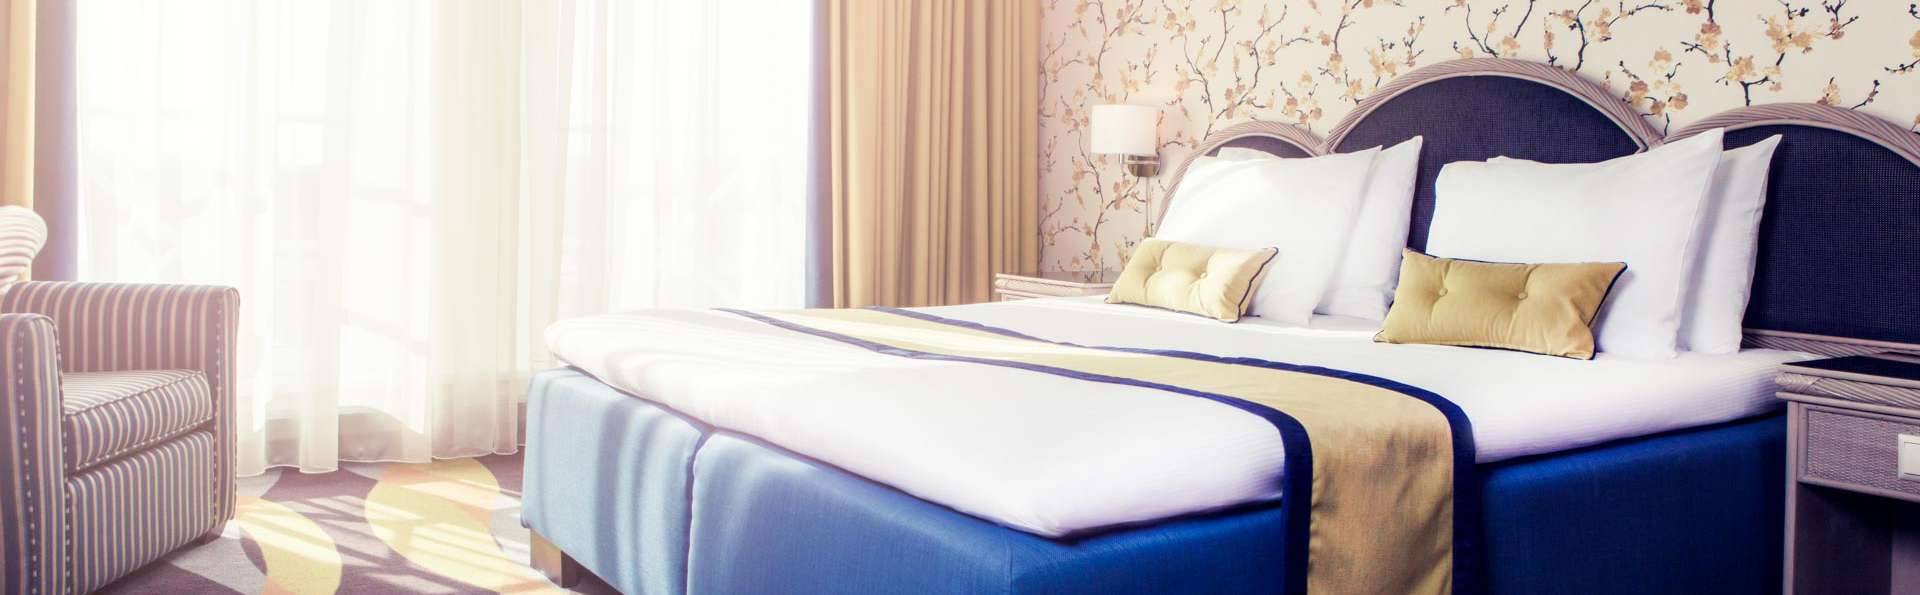 Une oasis de paix et de confort dans l'hôtel quatre étoiles Carlton Oasis